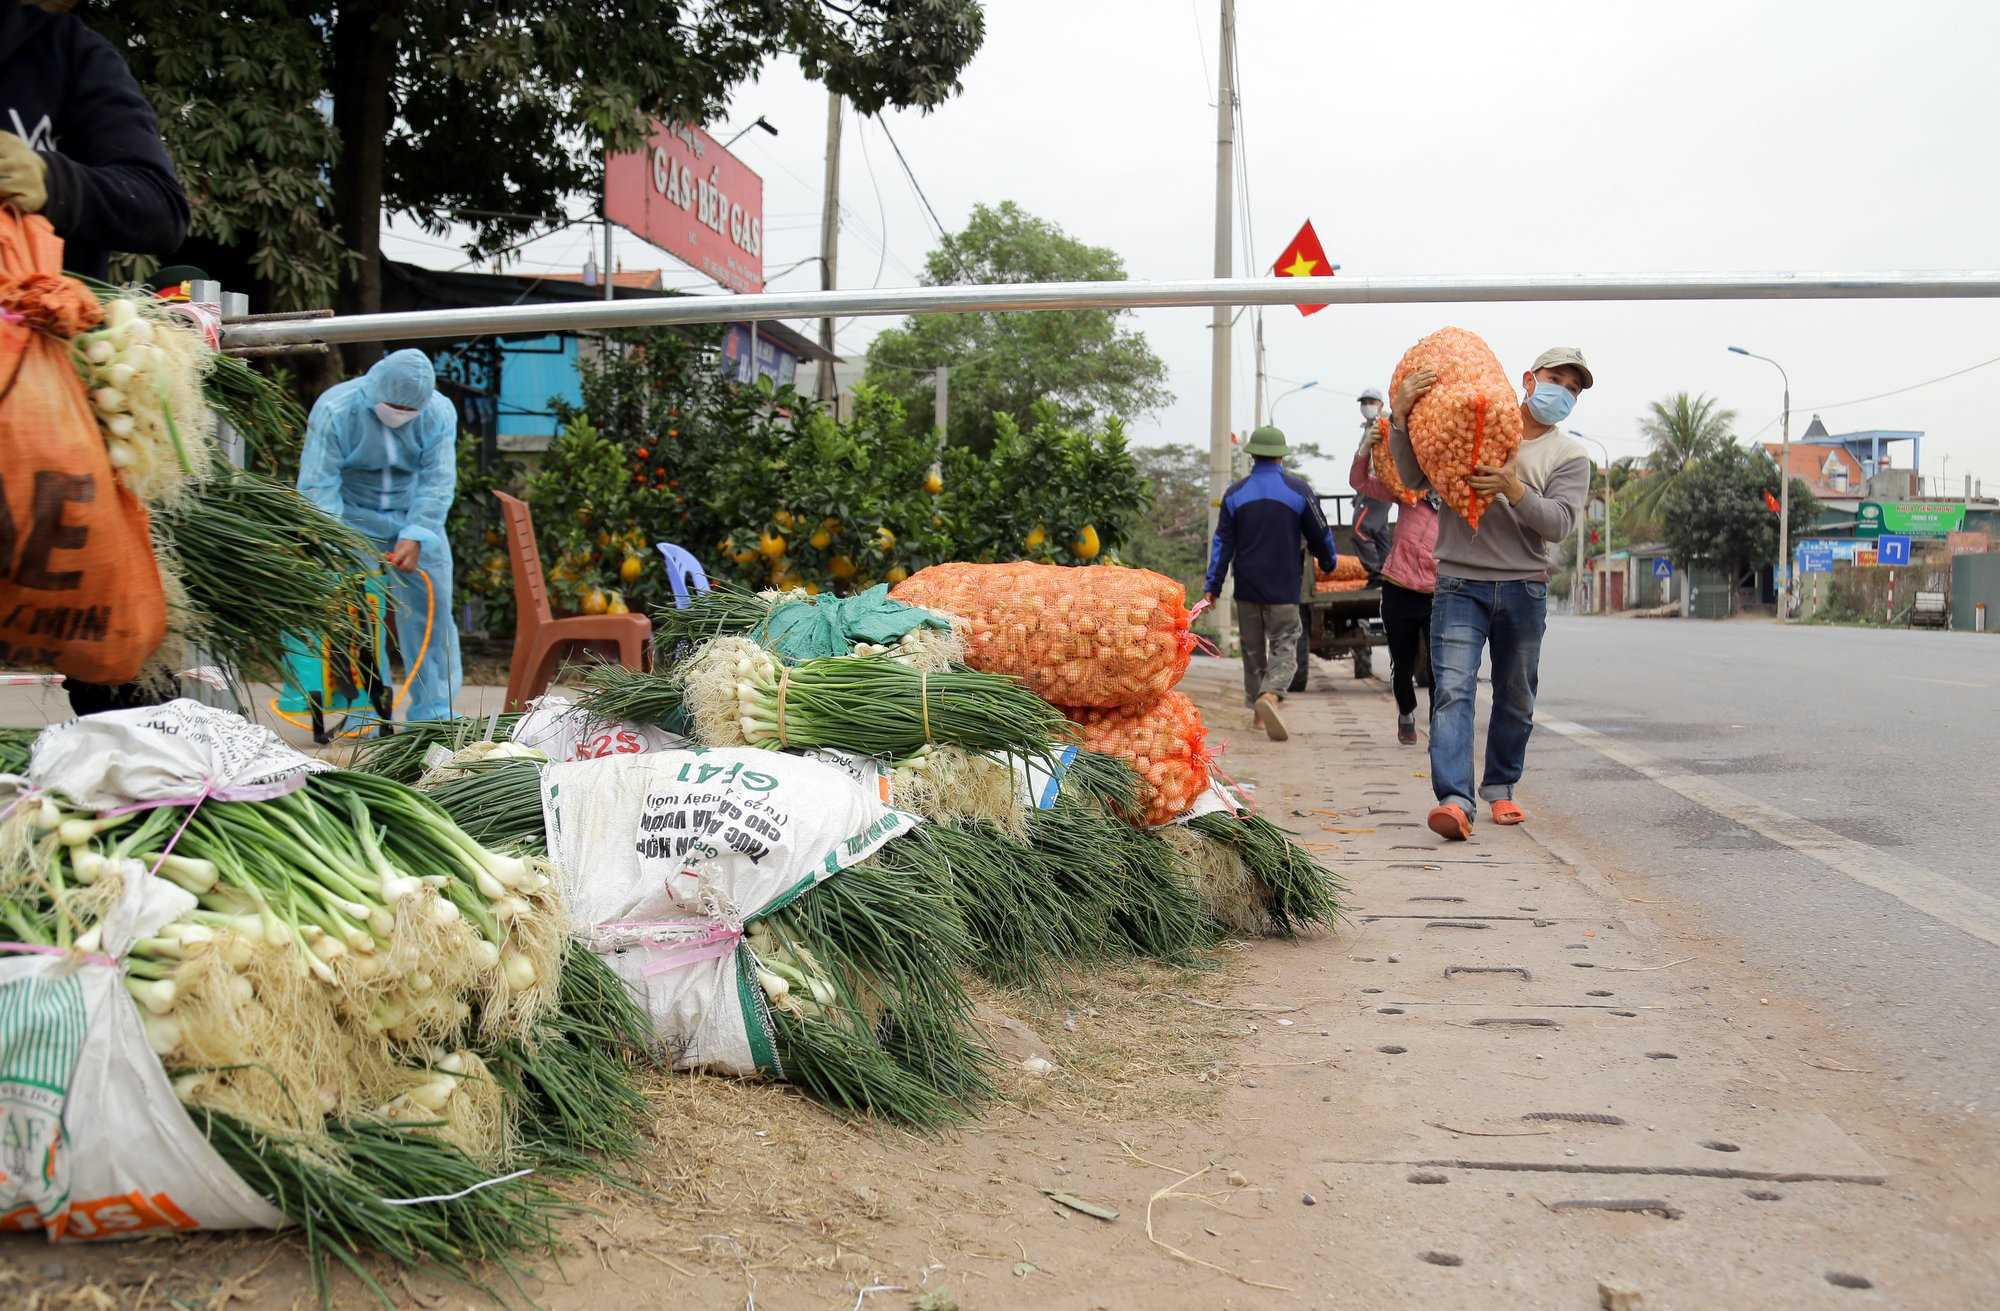 Quảng Ninh kết nối tiêu thụ thành công nông sản cho người dân bị ảnh hưởng bởi dịch Covid-19 - Ảnh 8.